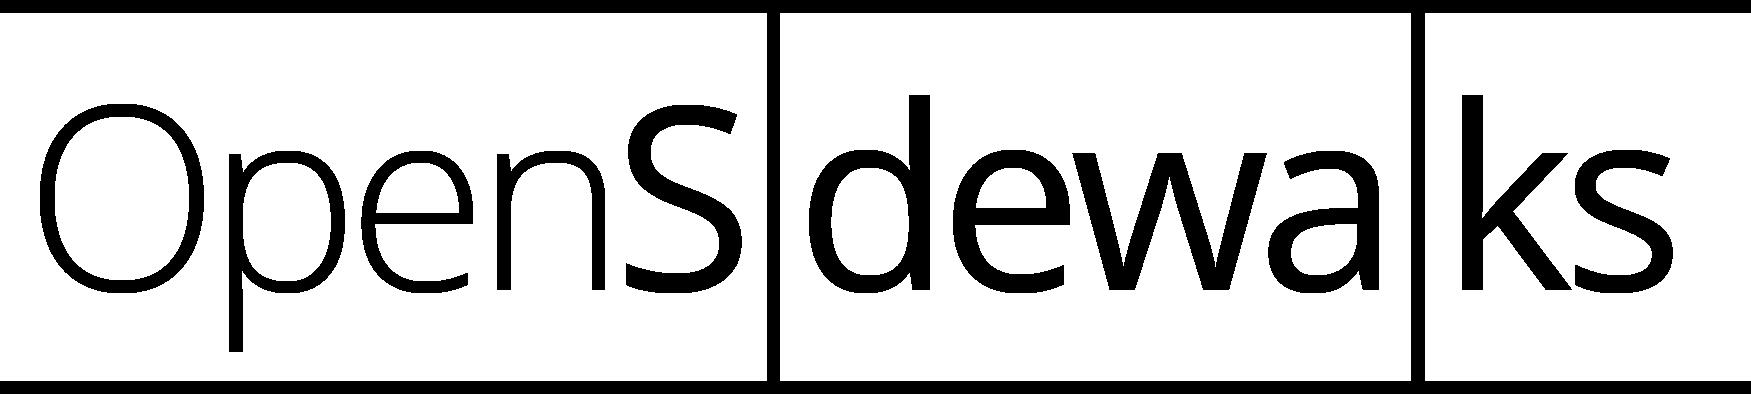 OpenSidewalks logo